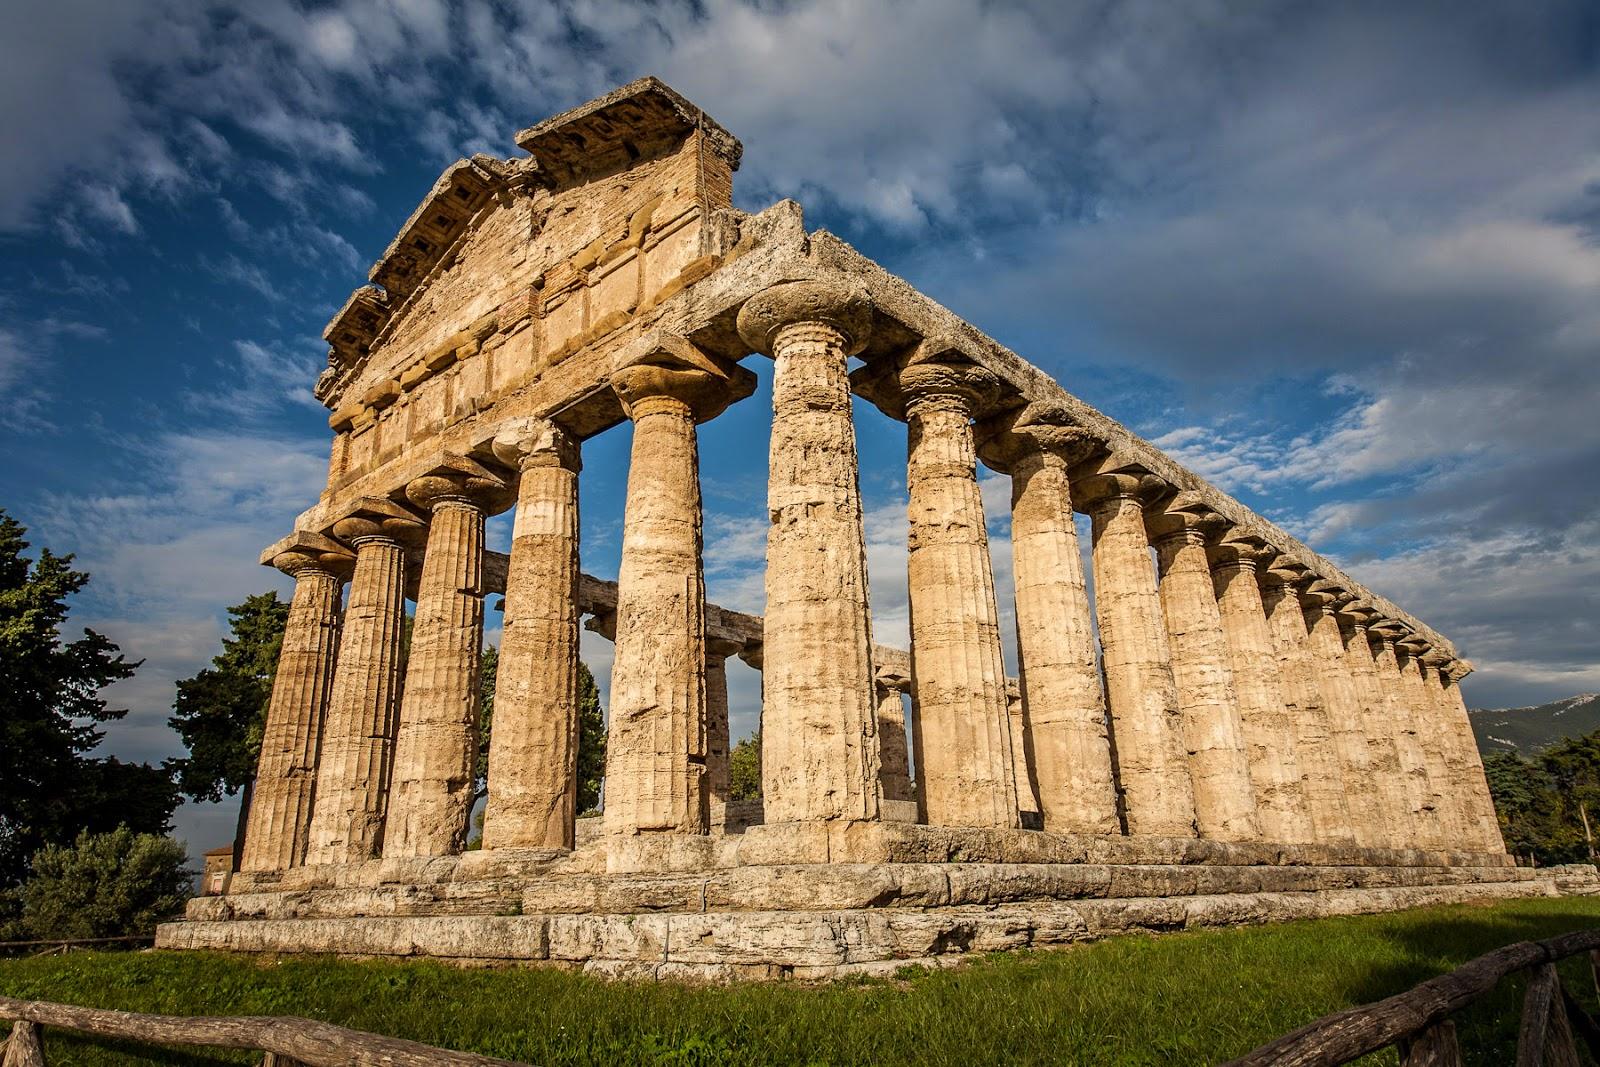 Artchist arquitectura griega en paestum italia for Arquitectura griega templos